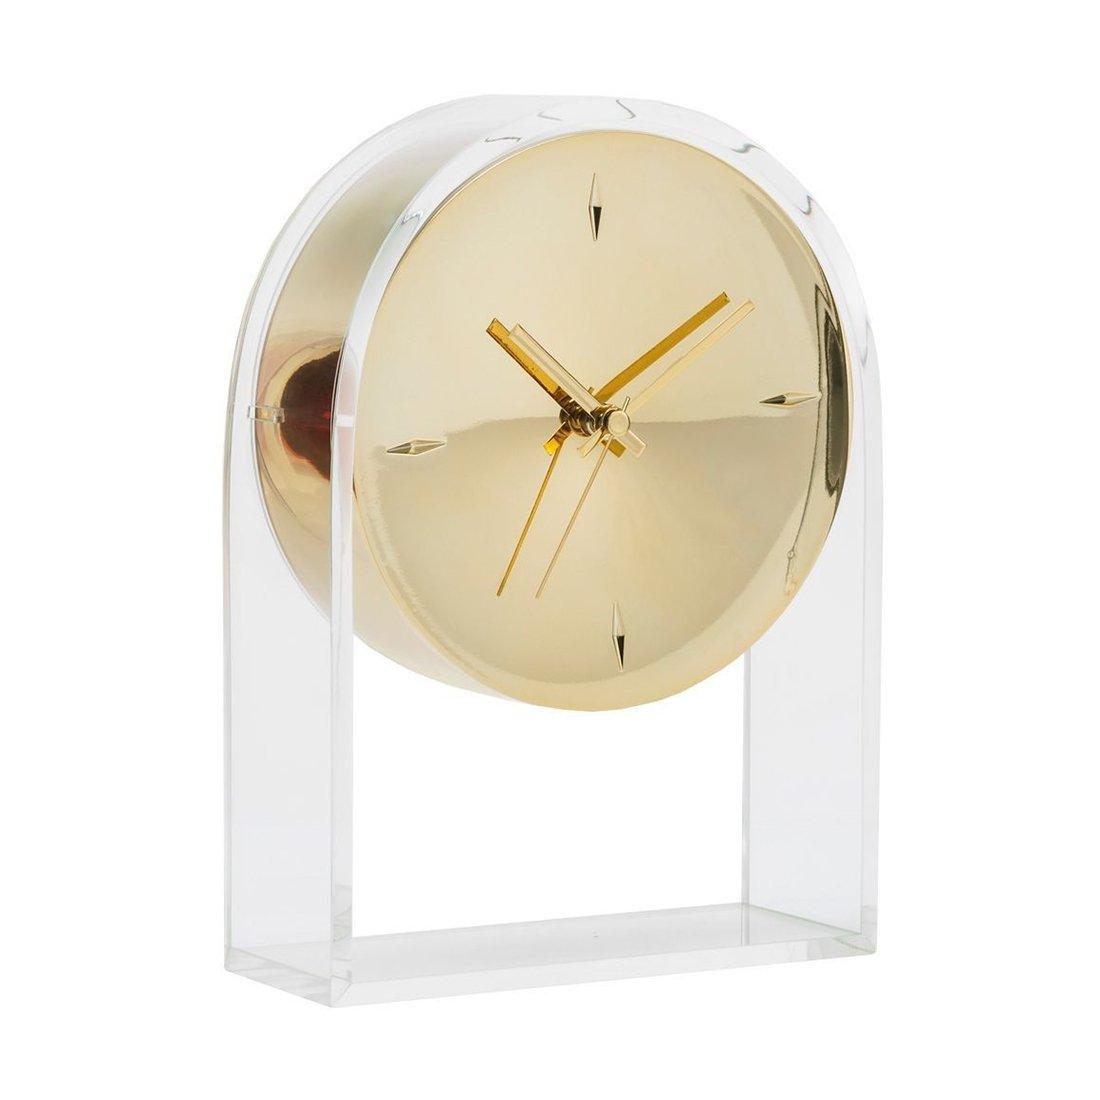 Kartell Air du Temps Klok Philippe Starck Eugeni Quitllet